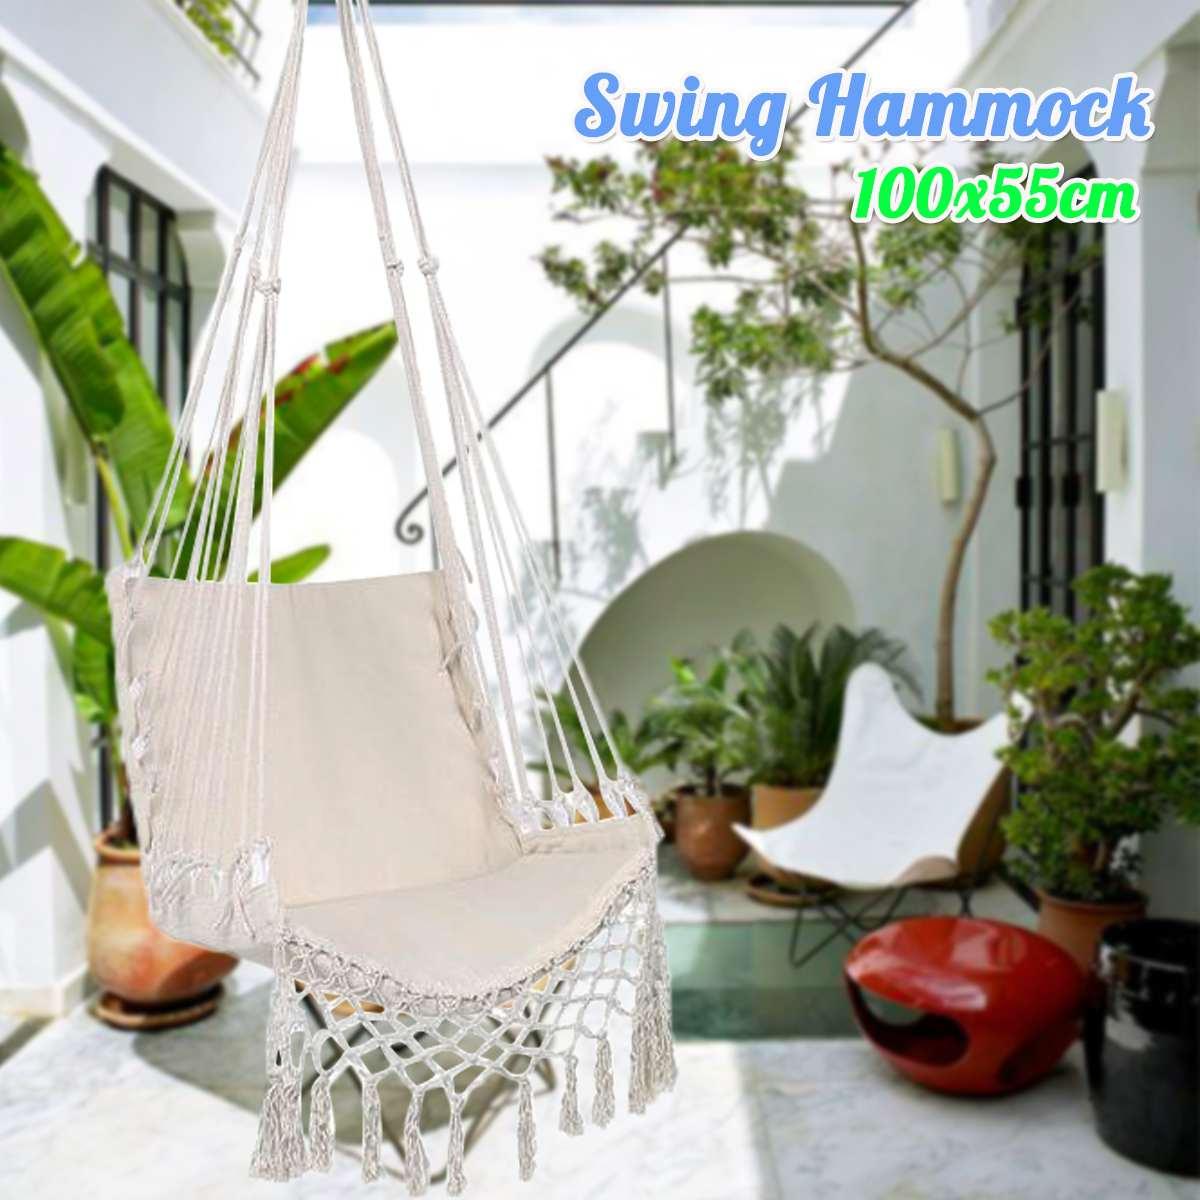 100x55cm Swing Hammock Outdoor Indoor Hanging Chair With Hammock Rope Garden Swing Chair For Children Adult Bedroom Furniture